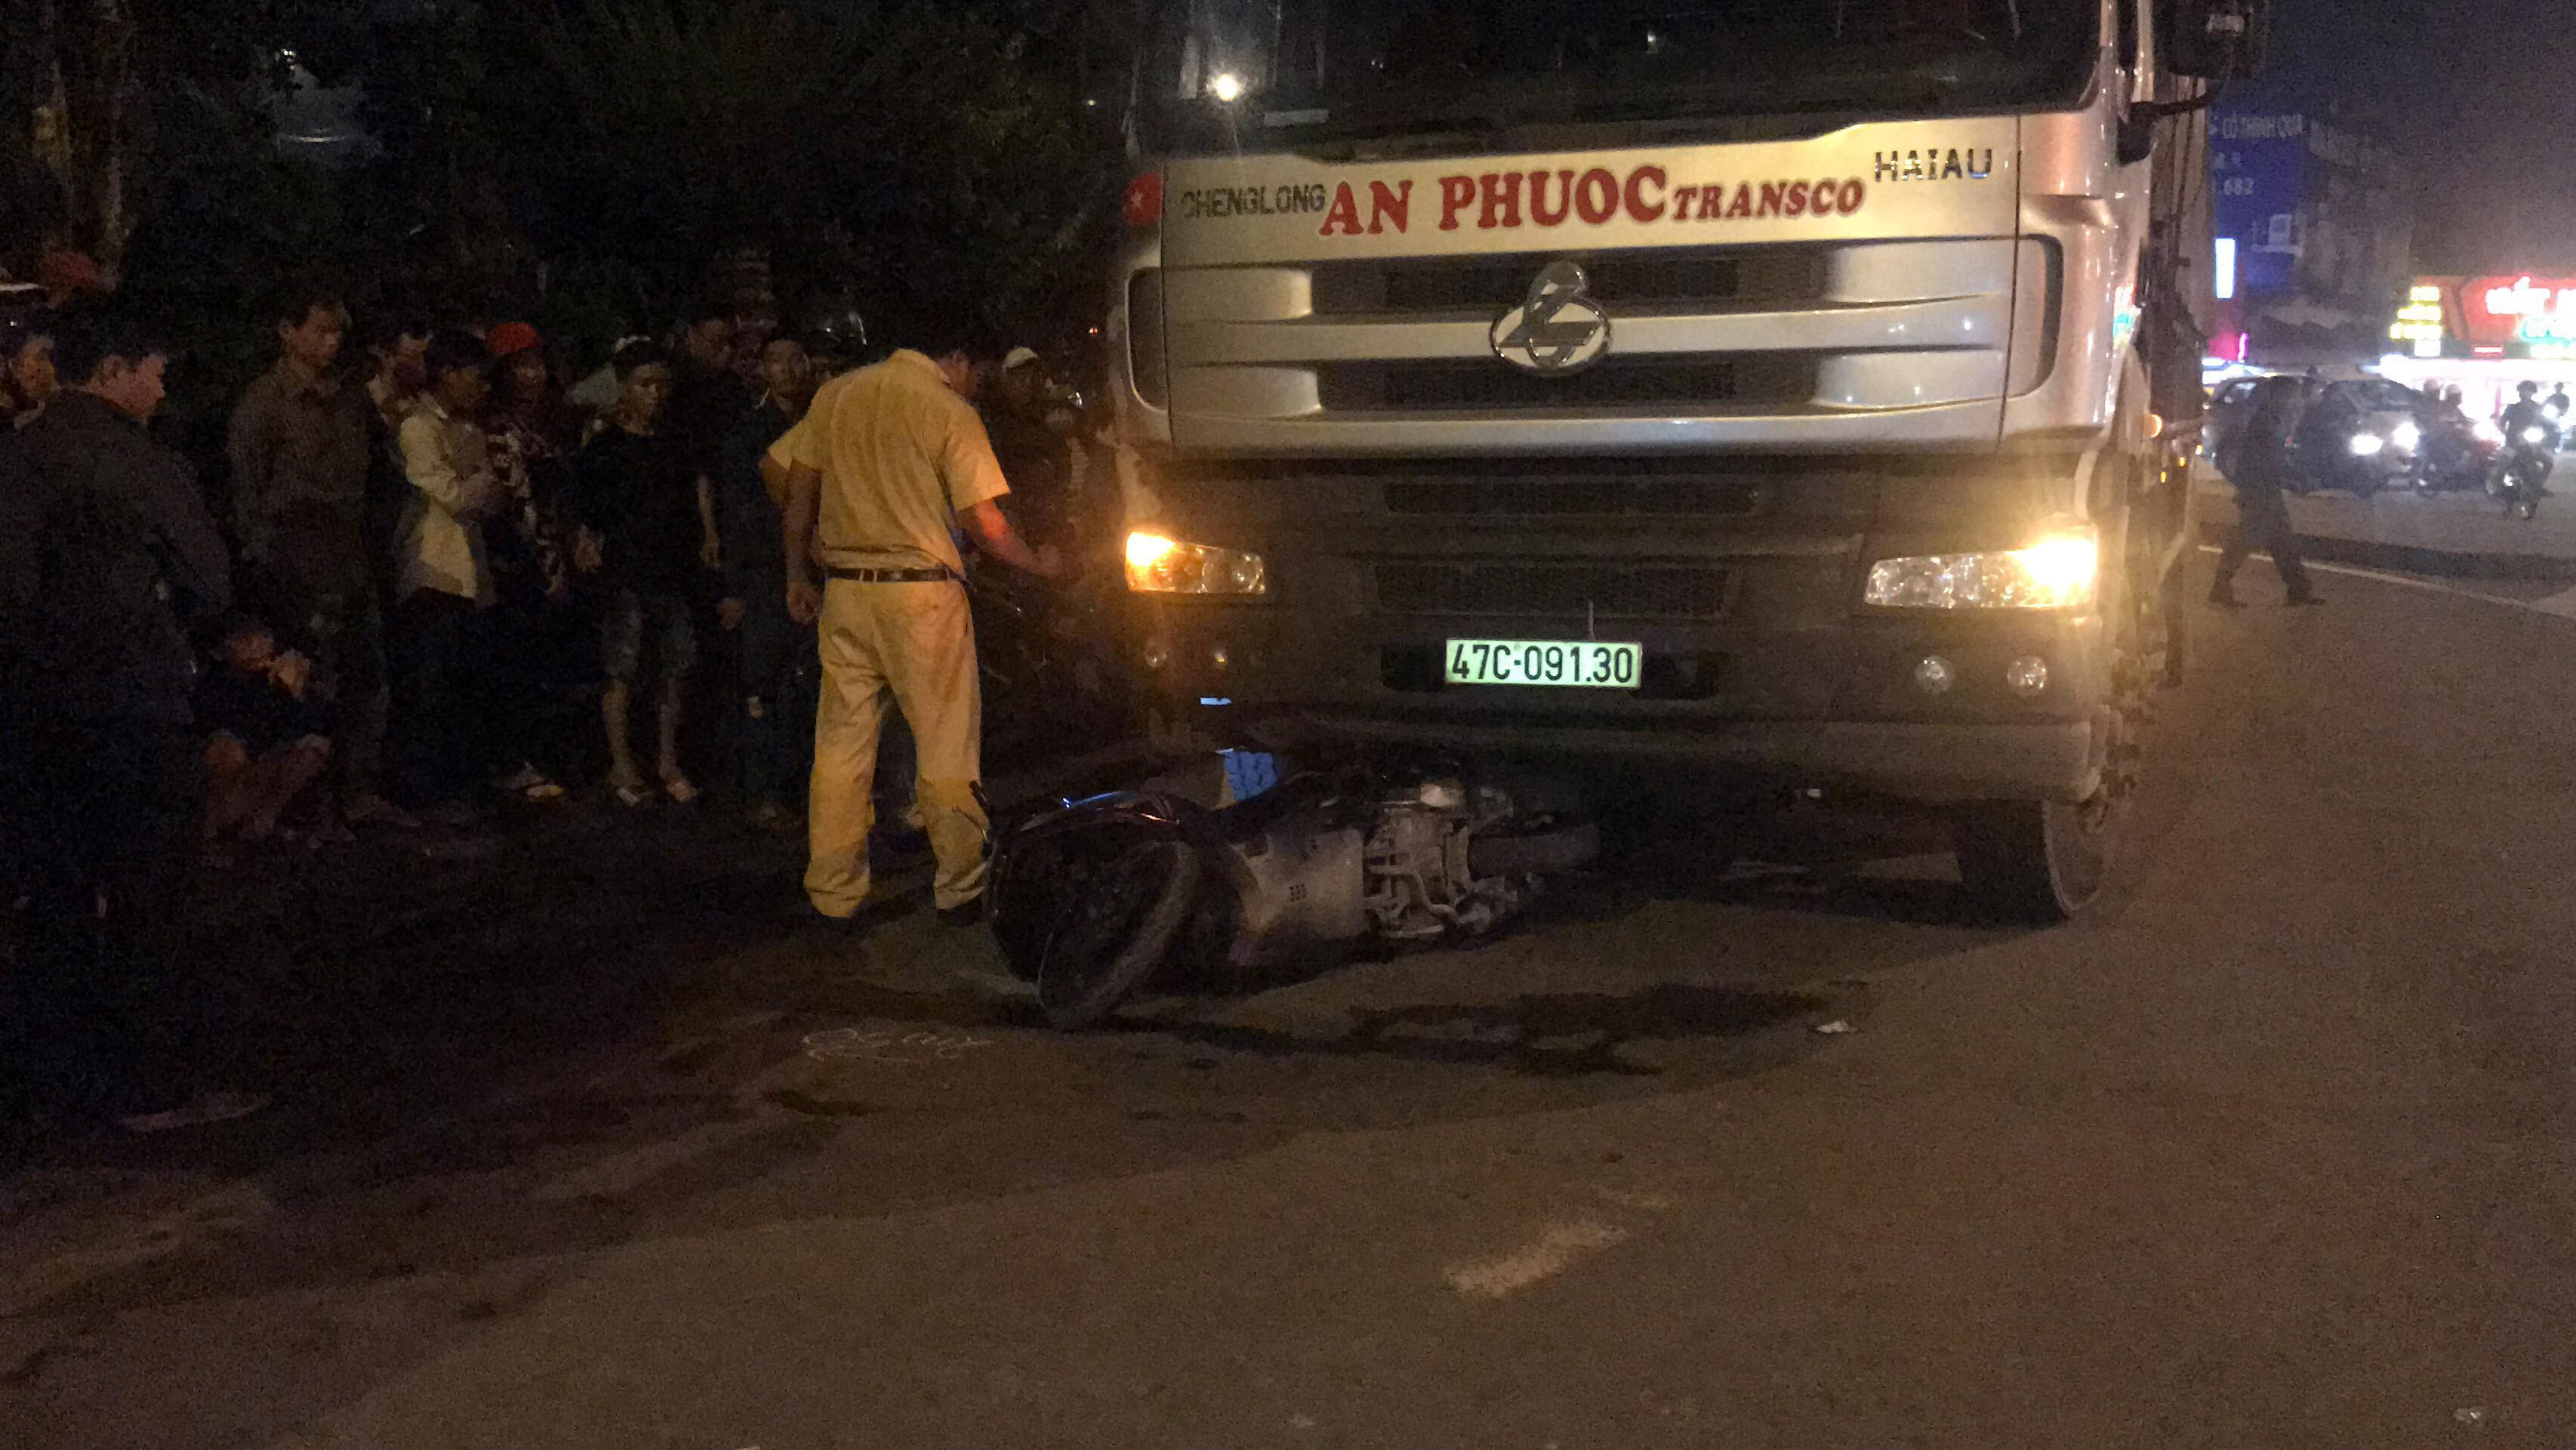 Bị xe tải kéo lê trên đường, nam thanh niên tử vong Ảnh 2